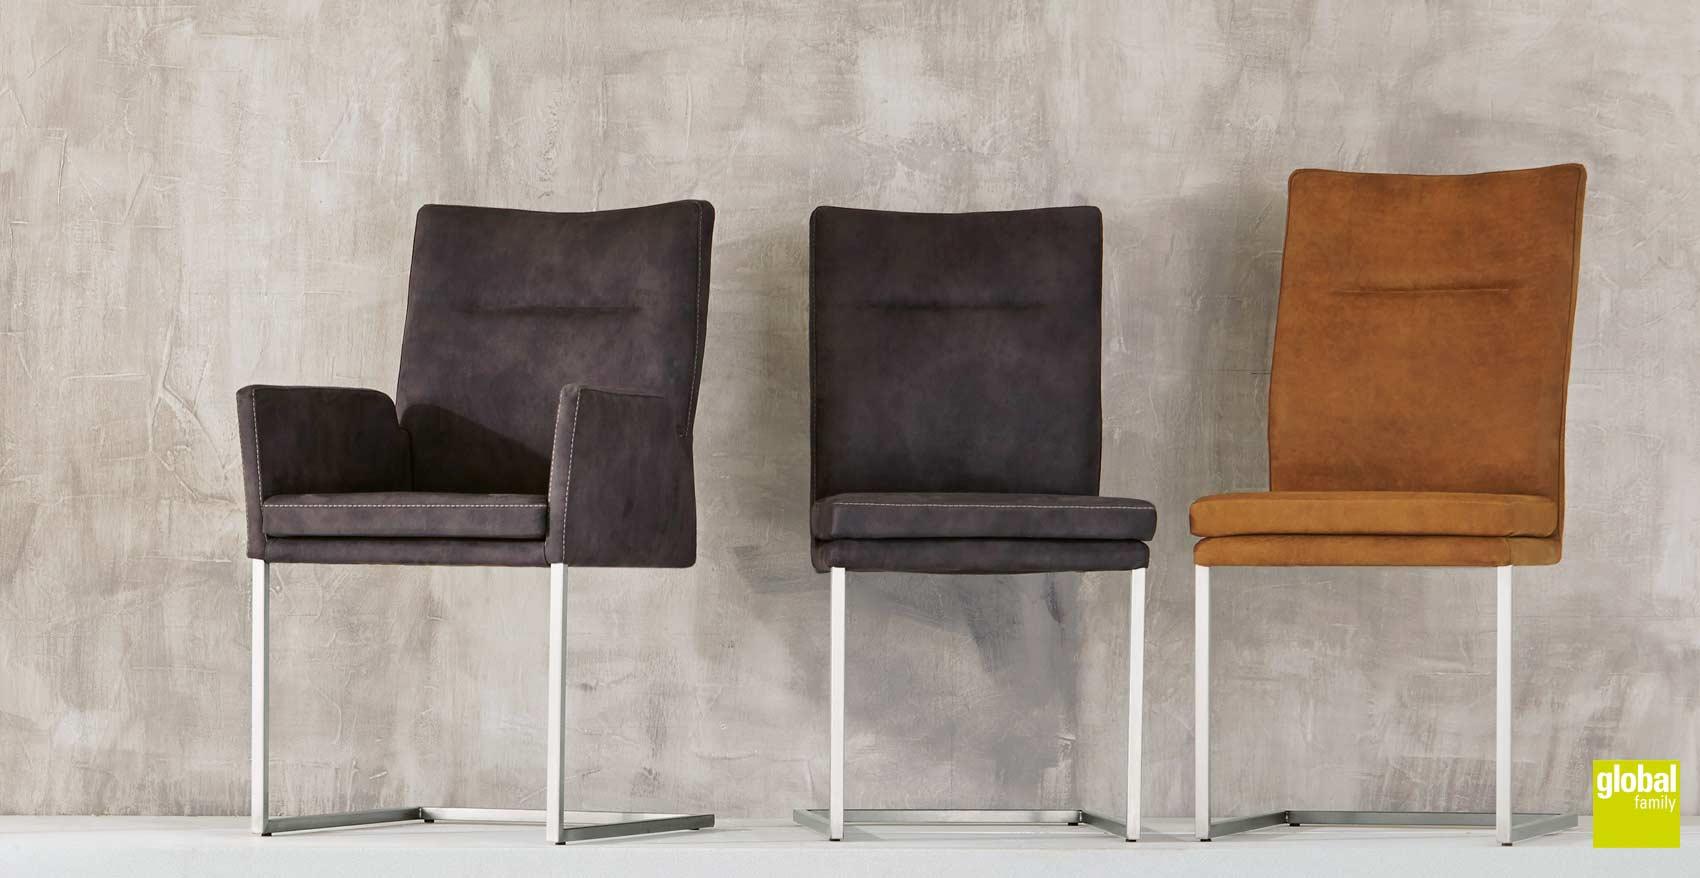 global 3190 von global wohnen in rehling nahe augsburg m bel raschke. Black Bedroom Furniture Sets. Home Design Ideas